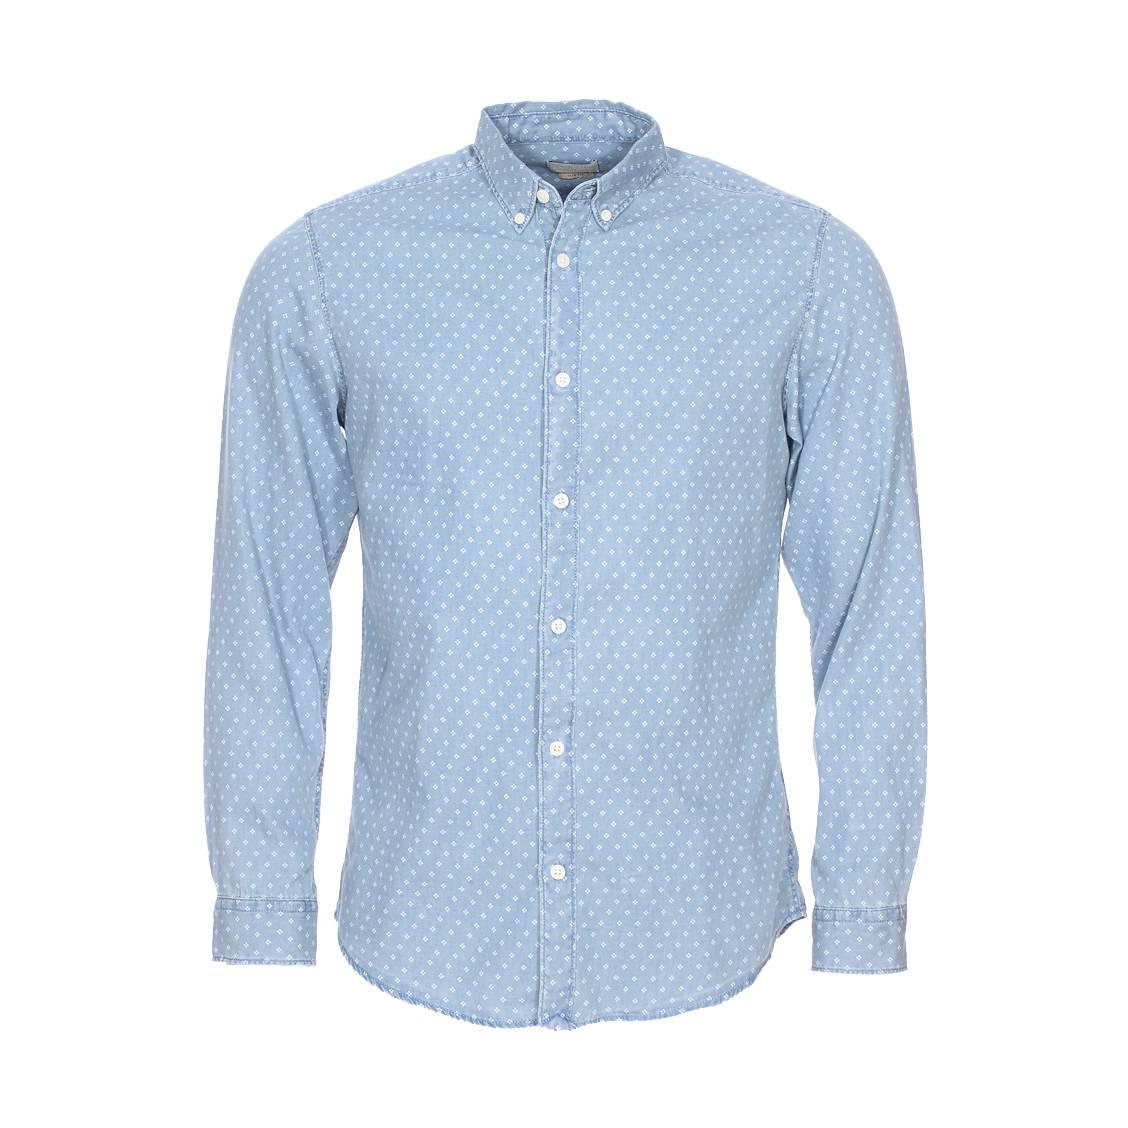 Chemise cintrée  bleu jean à motifs blancs